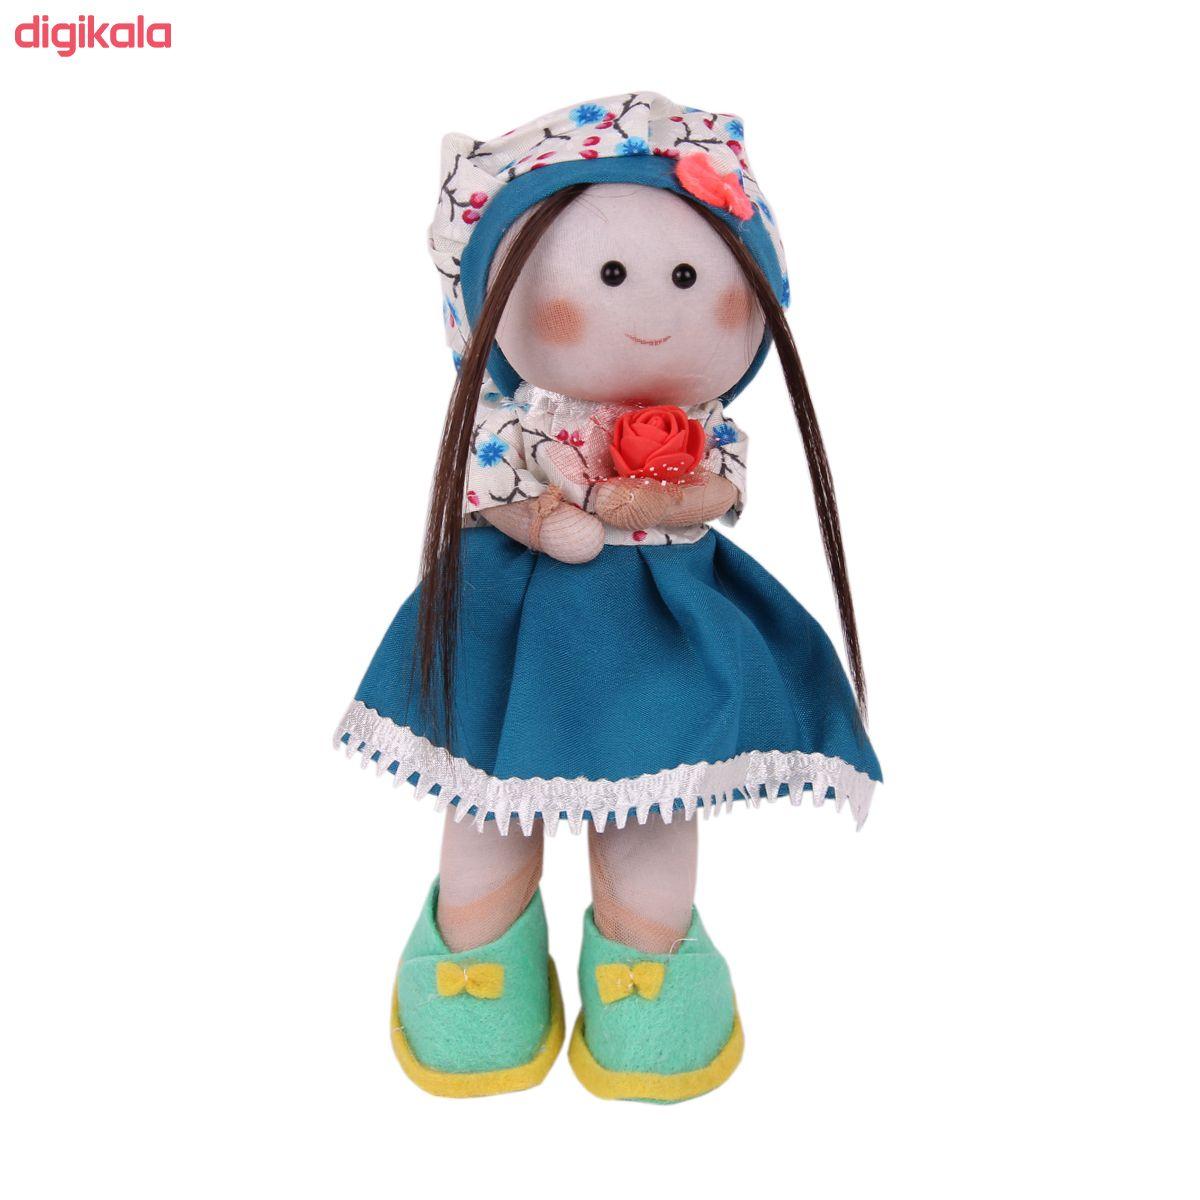 عروسک طرح دختر روسی کد 82 ارتفاع 24 سانتی متر  main 1 1